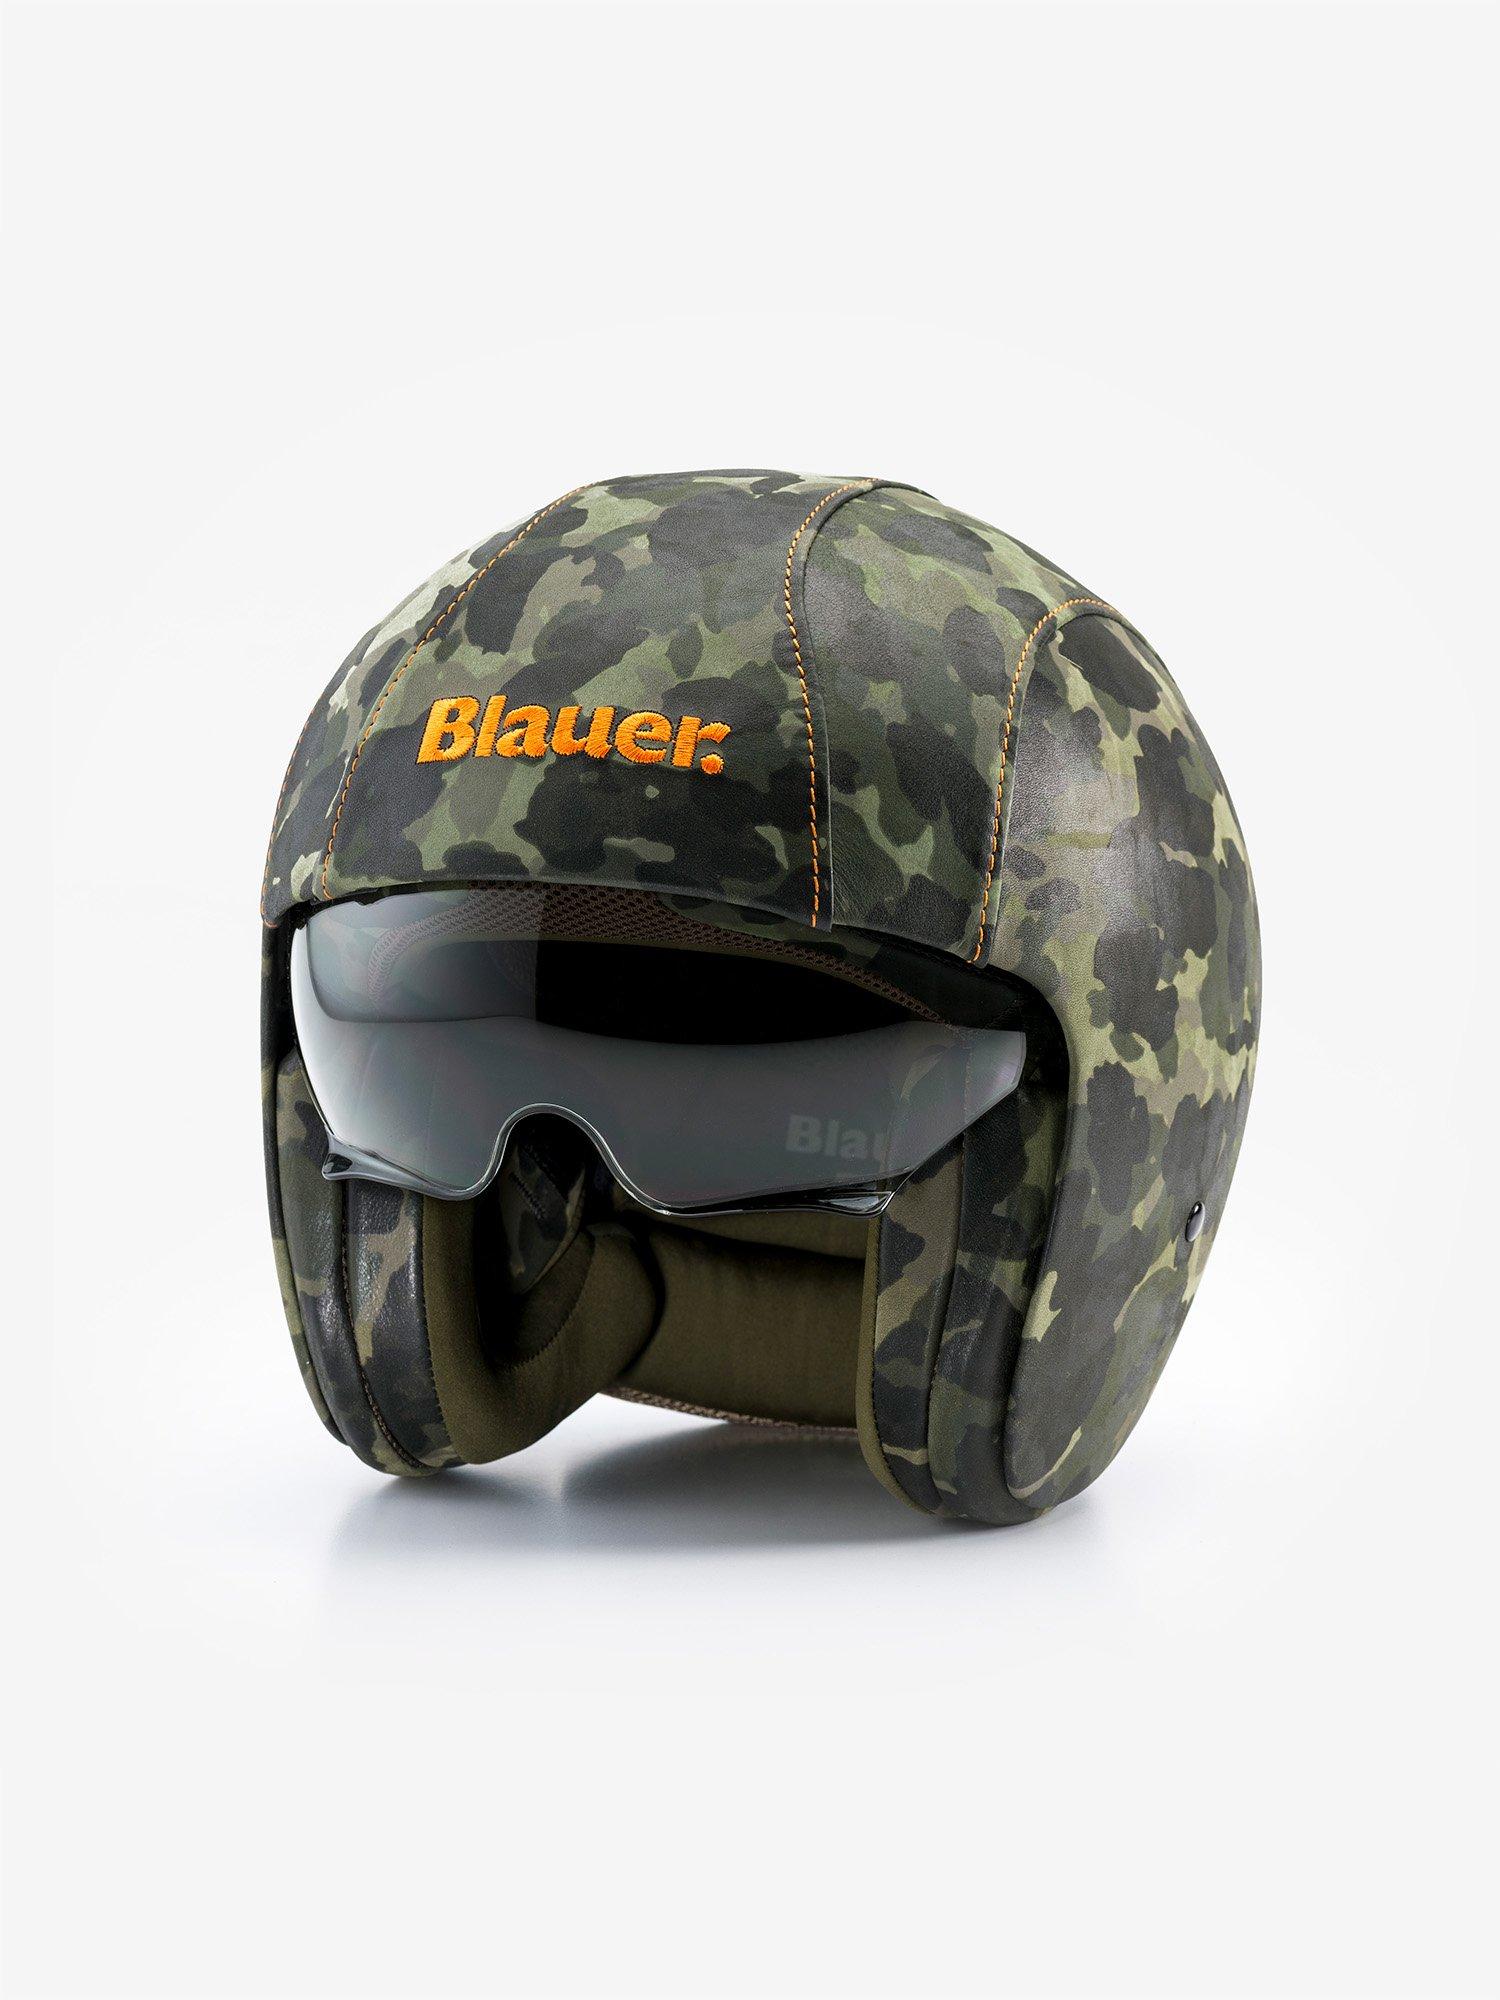 Blauer - PILOT 1.1 CAMOUFLAGE - Camouflage Green - Blauer